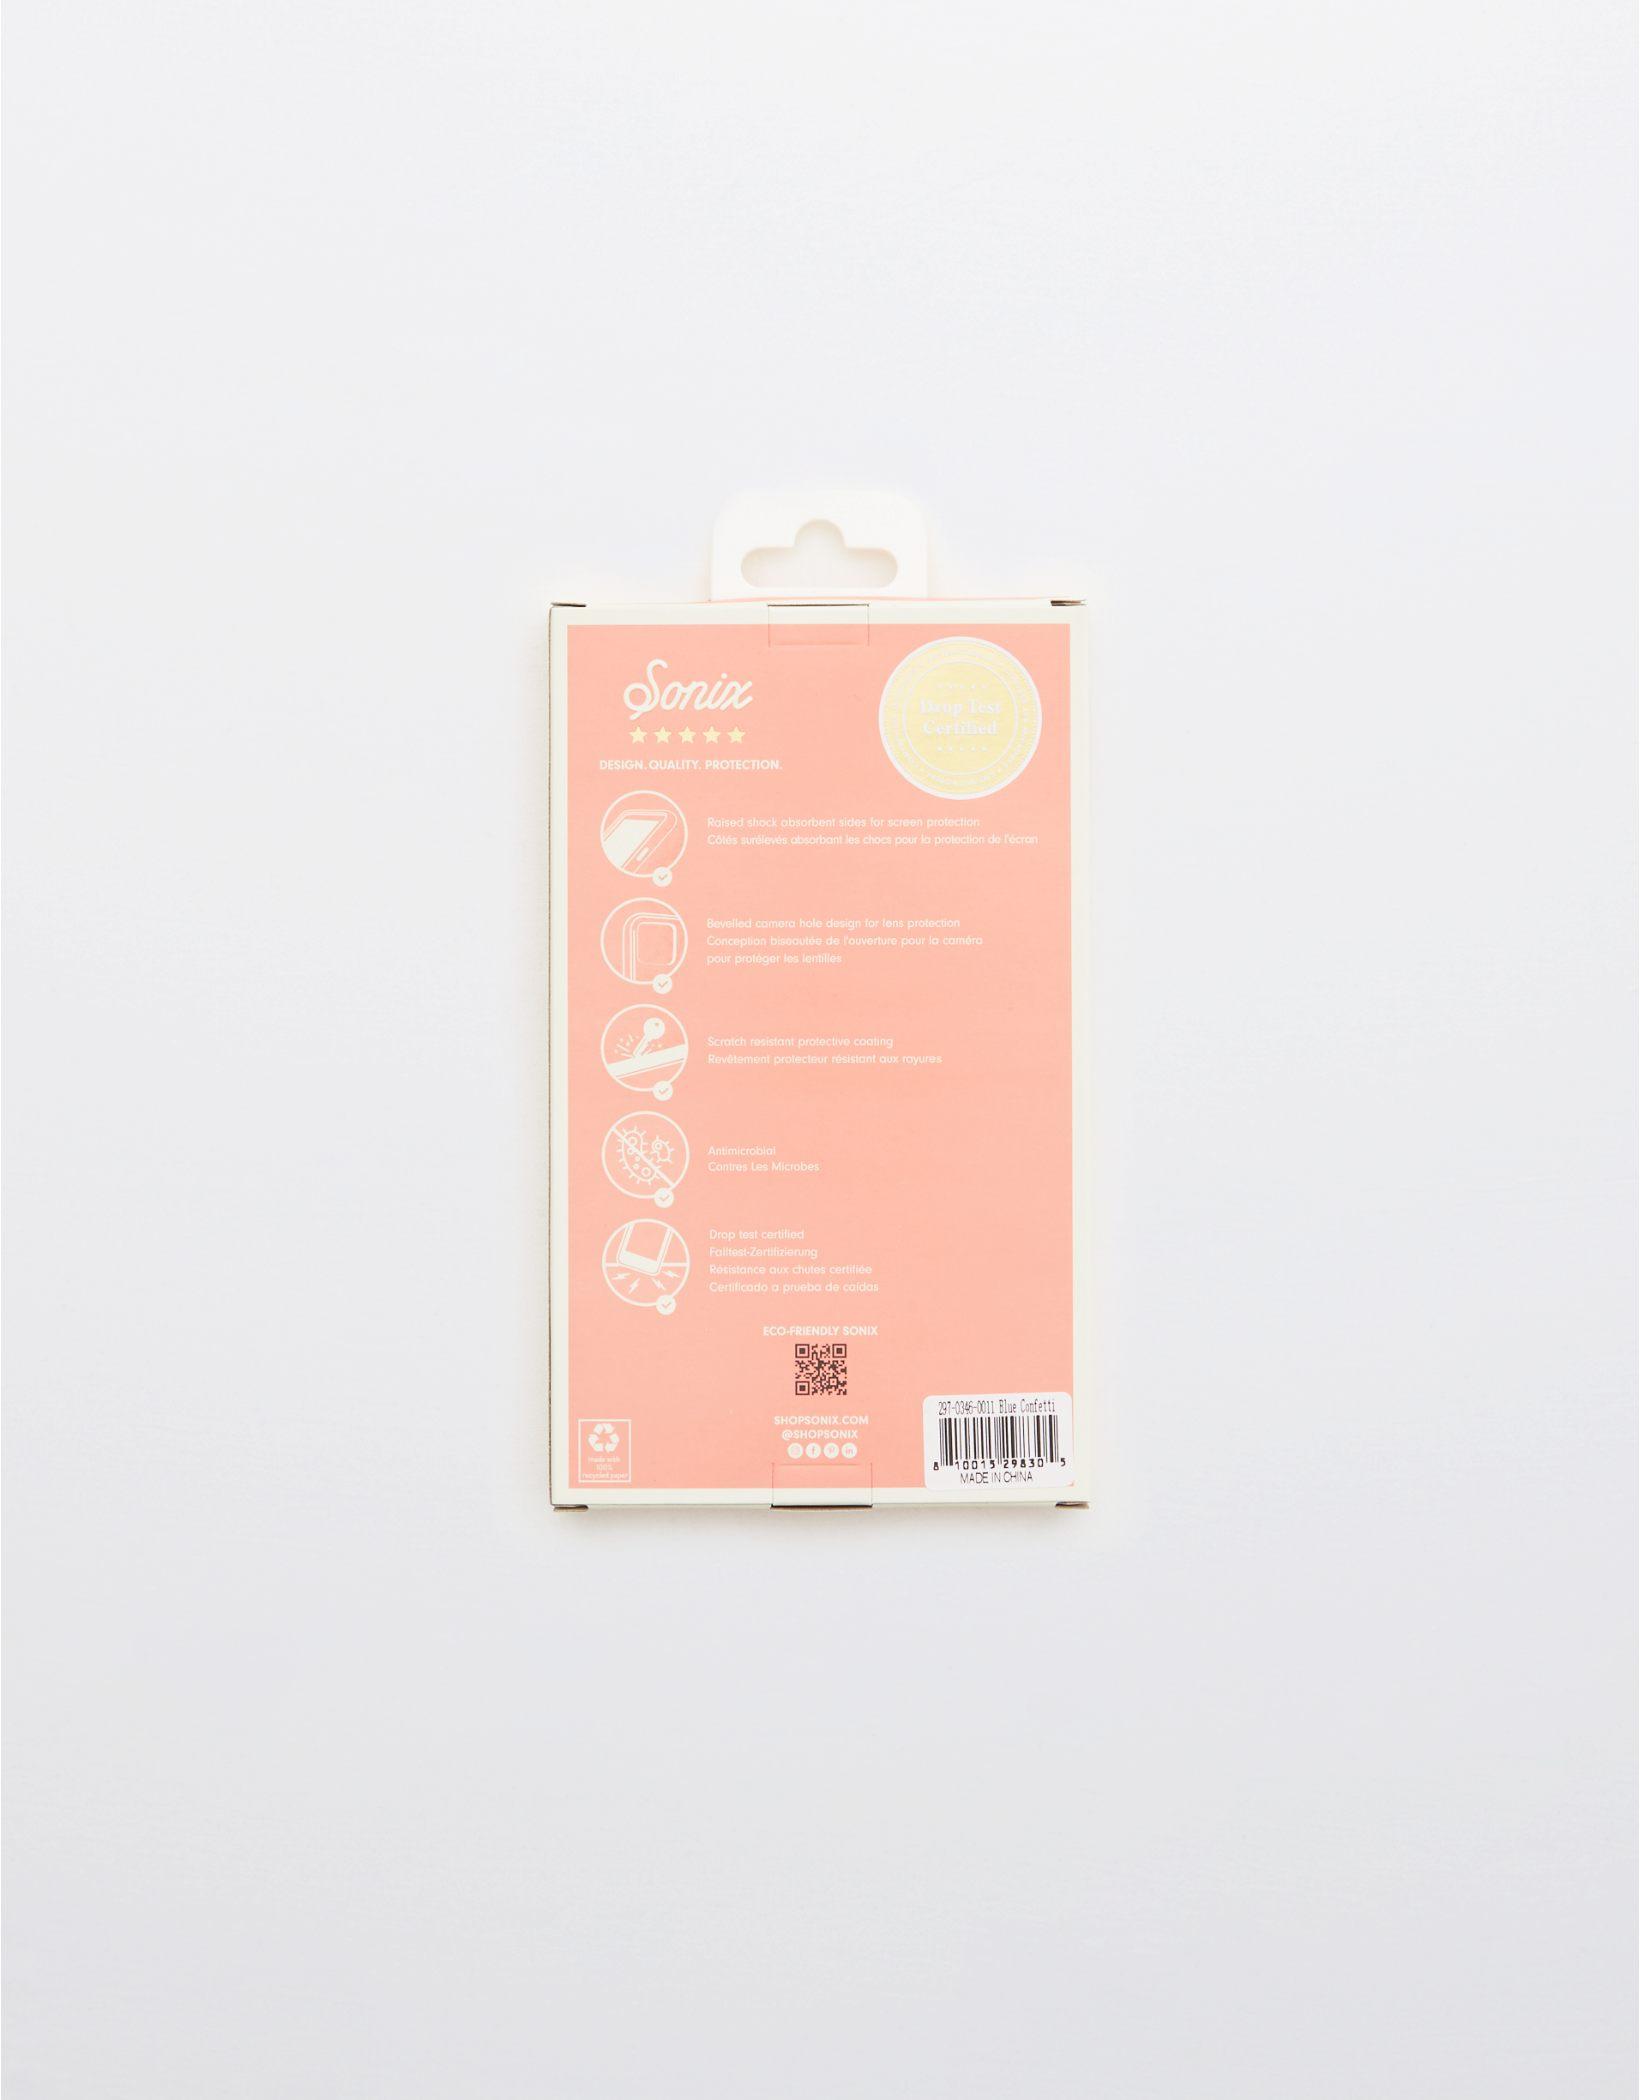 Sonix iPhone 12 & 12 Pro Case - Confetti